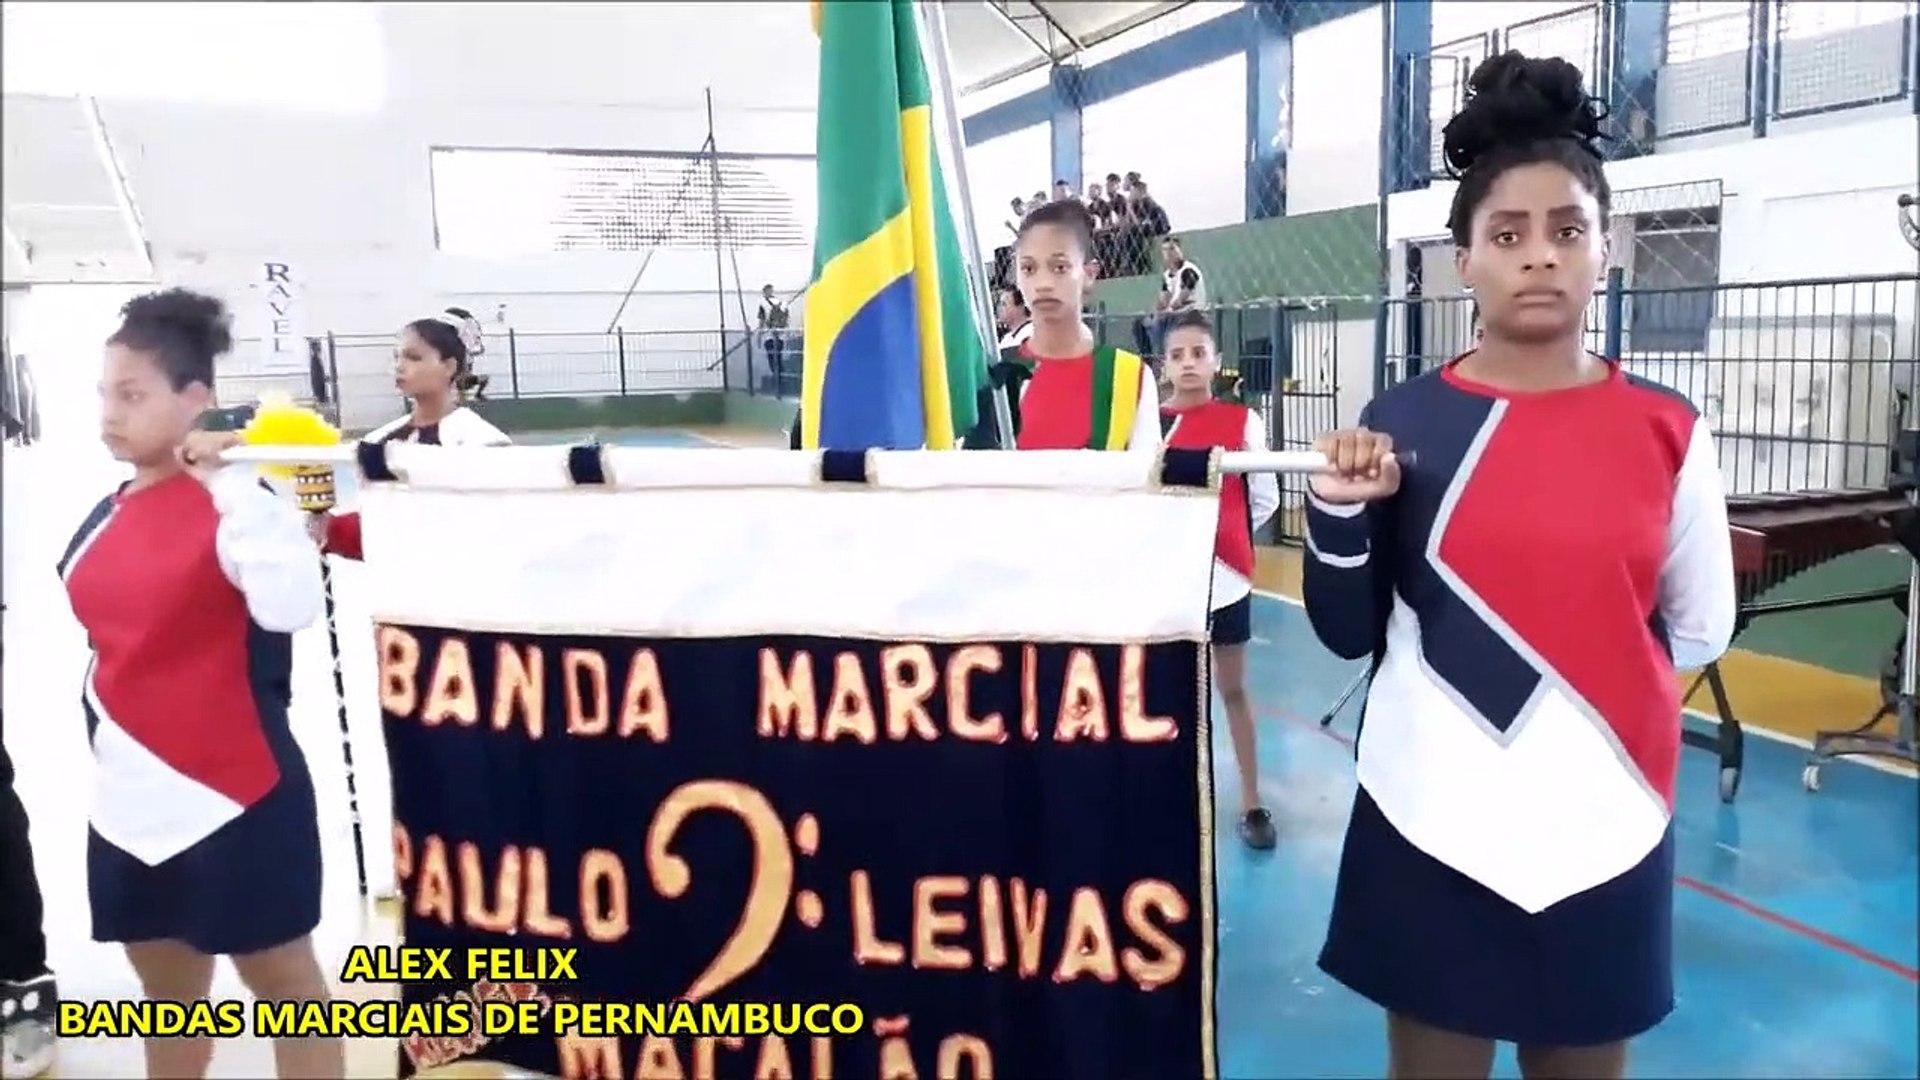 Banda Municipal Pastor Paulo Leivas Macalão 2018 - VI COPA NACIONAL DE CAMPEÃS DE BANDAS E FANFARRAS